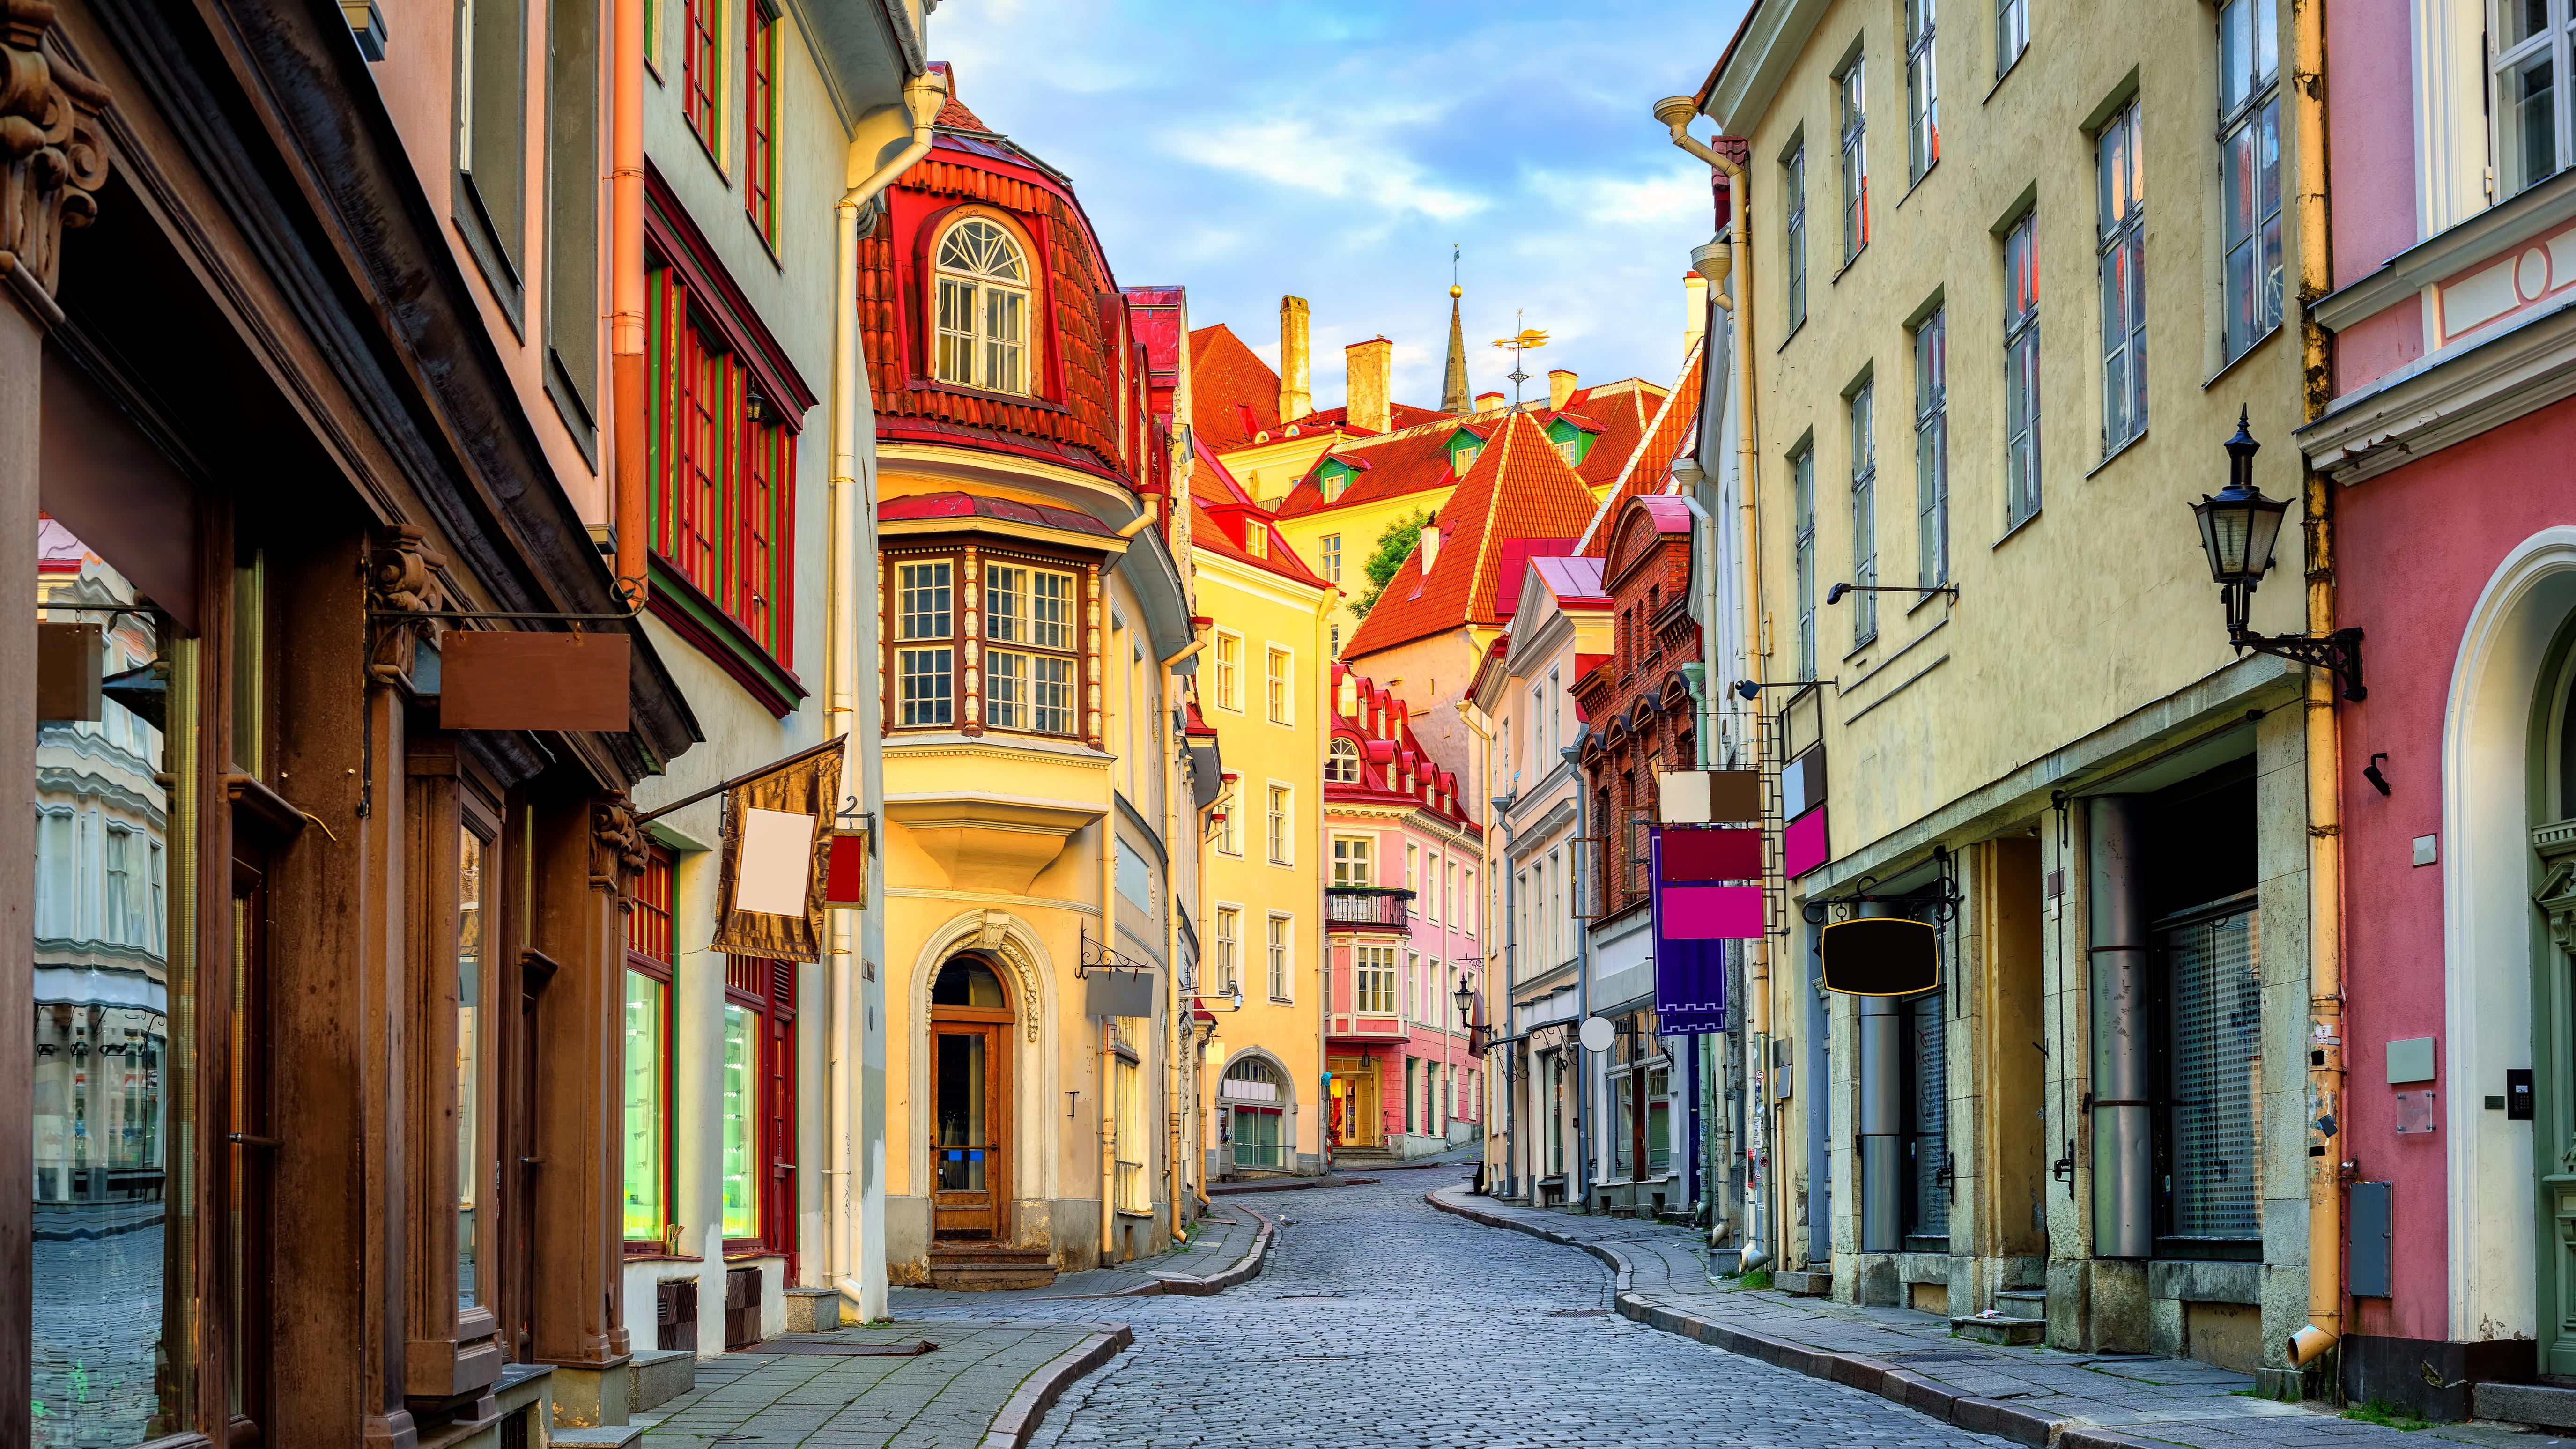 Улица в Таллинне, столице Эстонии, ВНЖ которой могут получить россияне, украинцы и белорусы